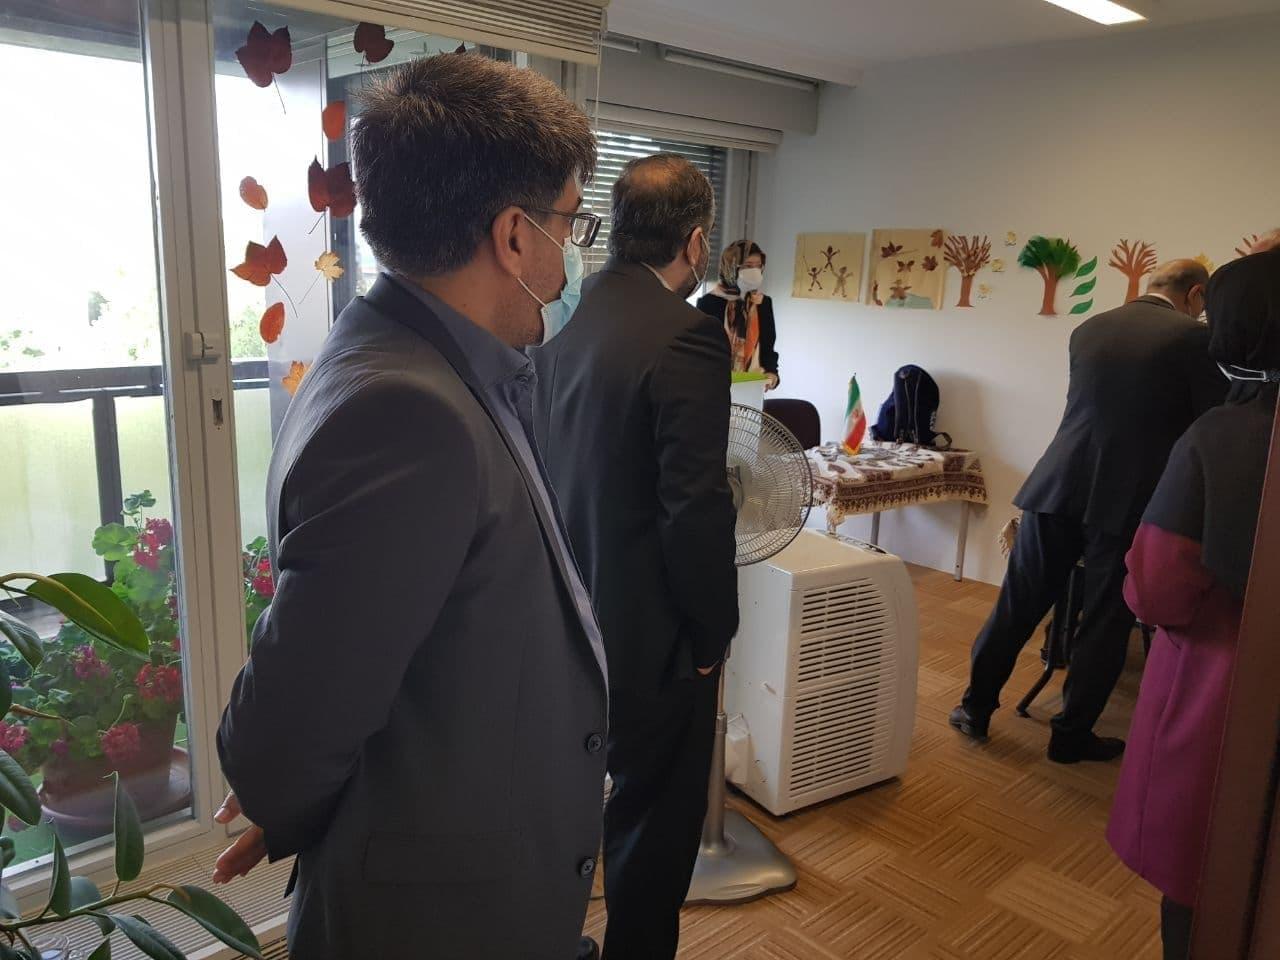 برگزاری انتخابات ریاست جمهوری ایران در ژنو سوییس